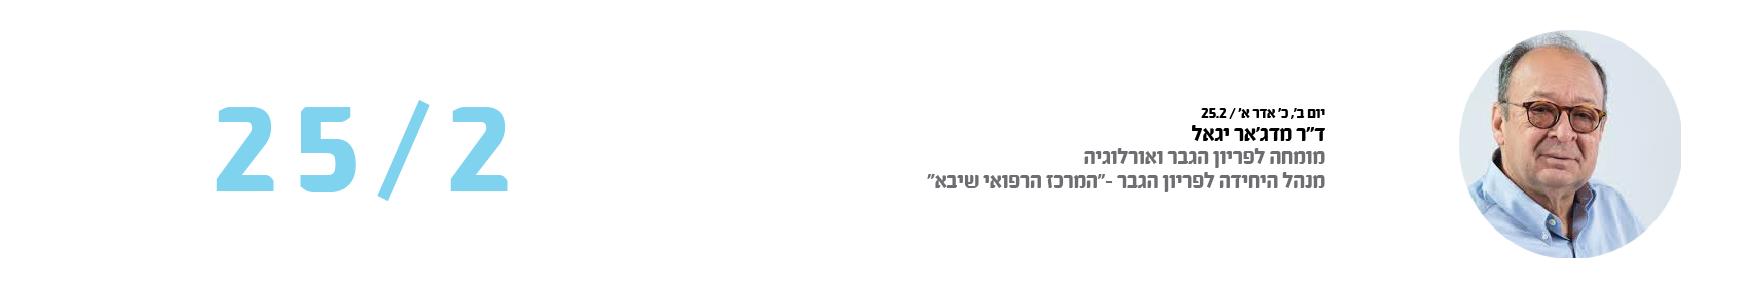 שבוע קבלת קהל באנרים לאתר [Recovered]-14